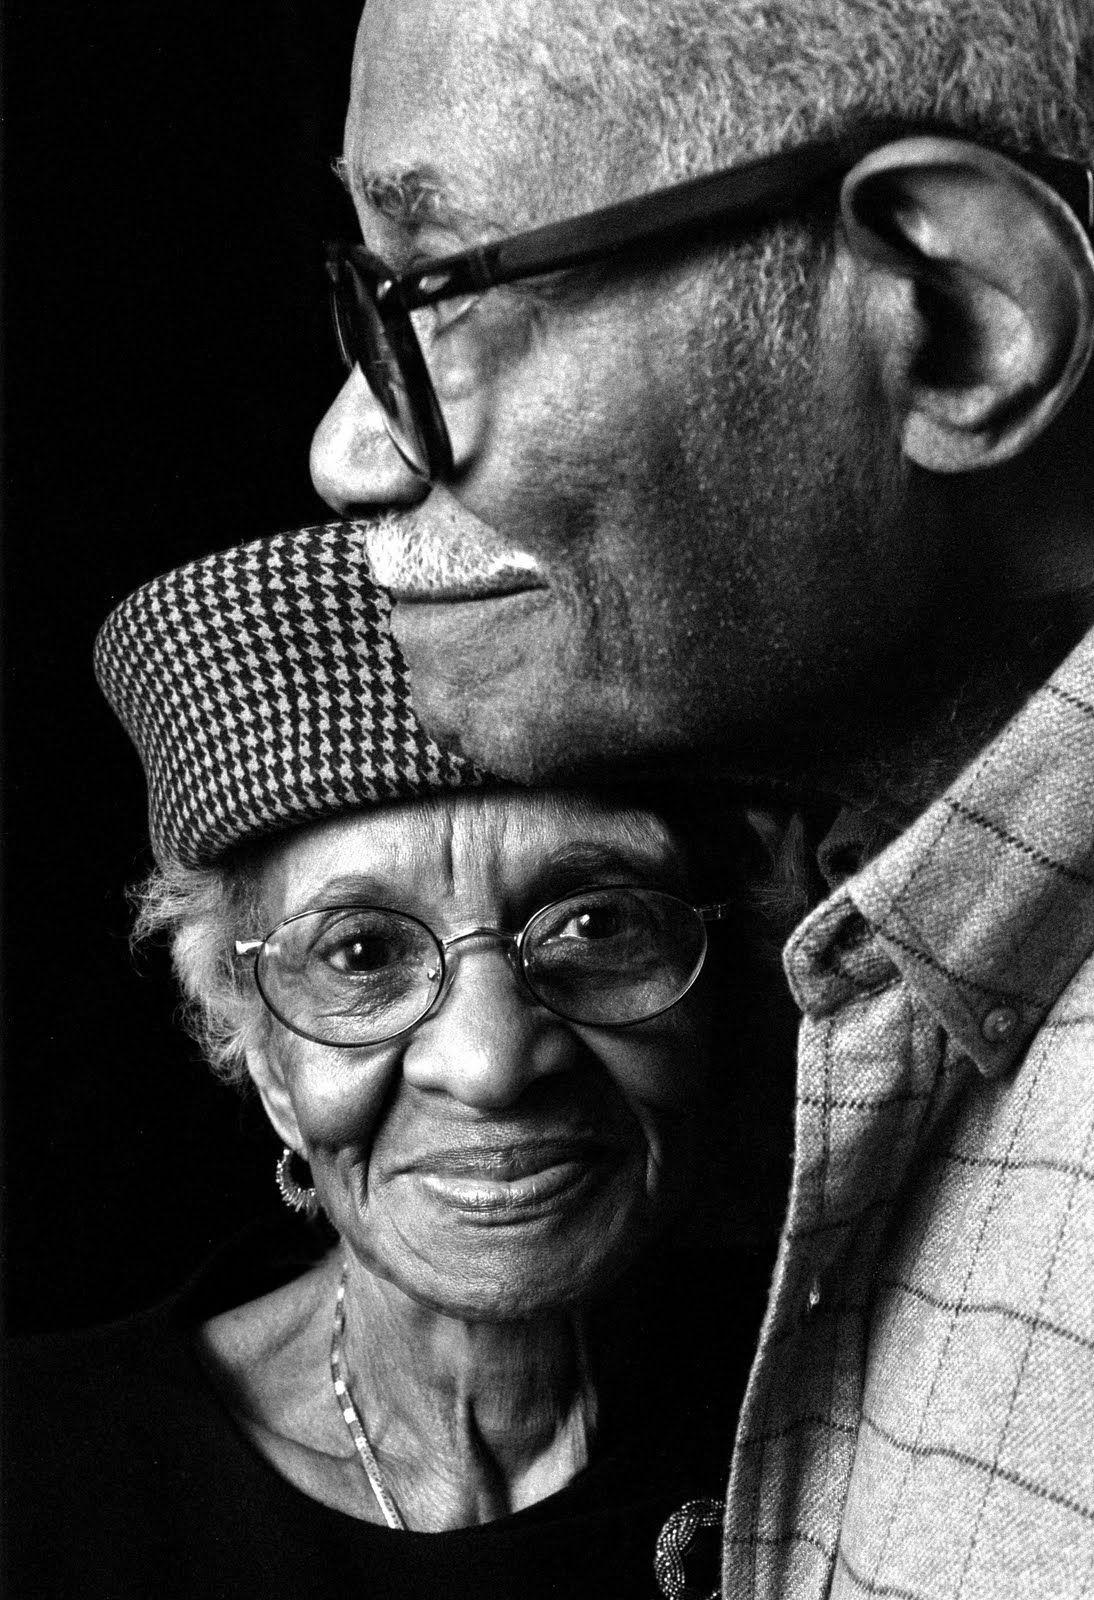 Resultado de imagen para parejas negras viejos